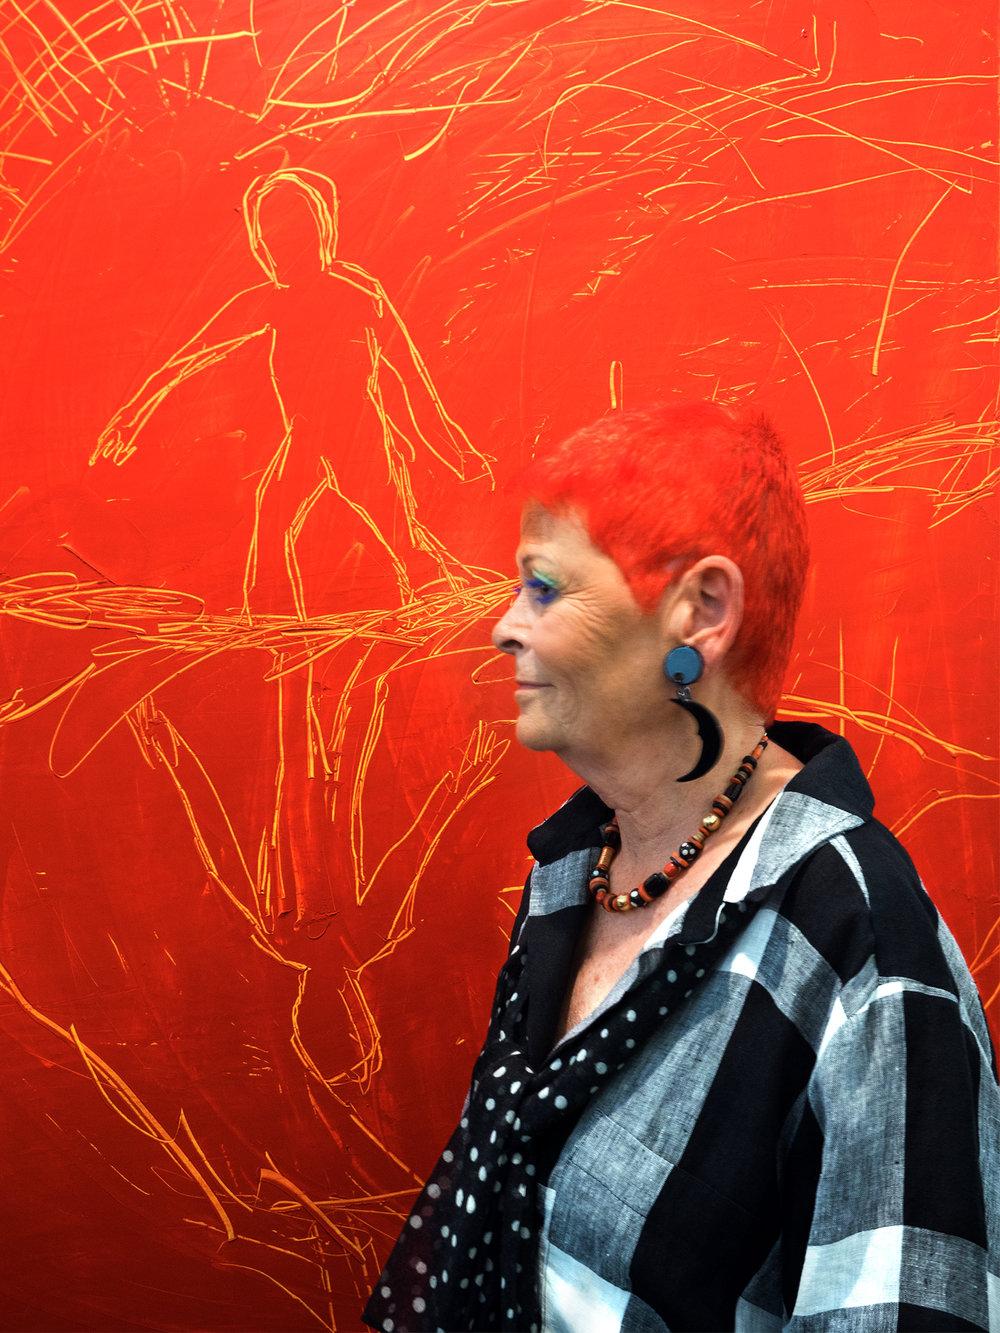 PEOPLE LOOKING AT ART 007.jpg